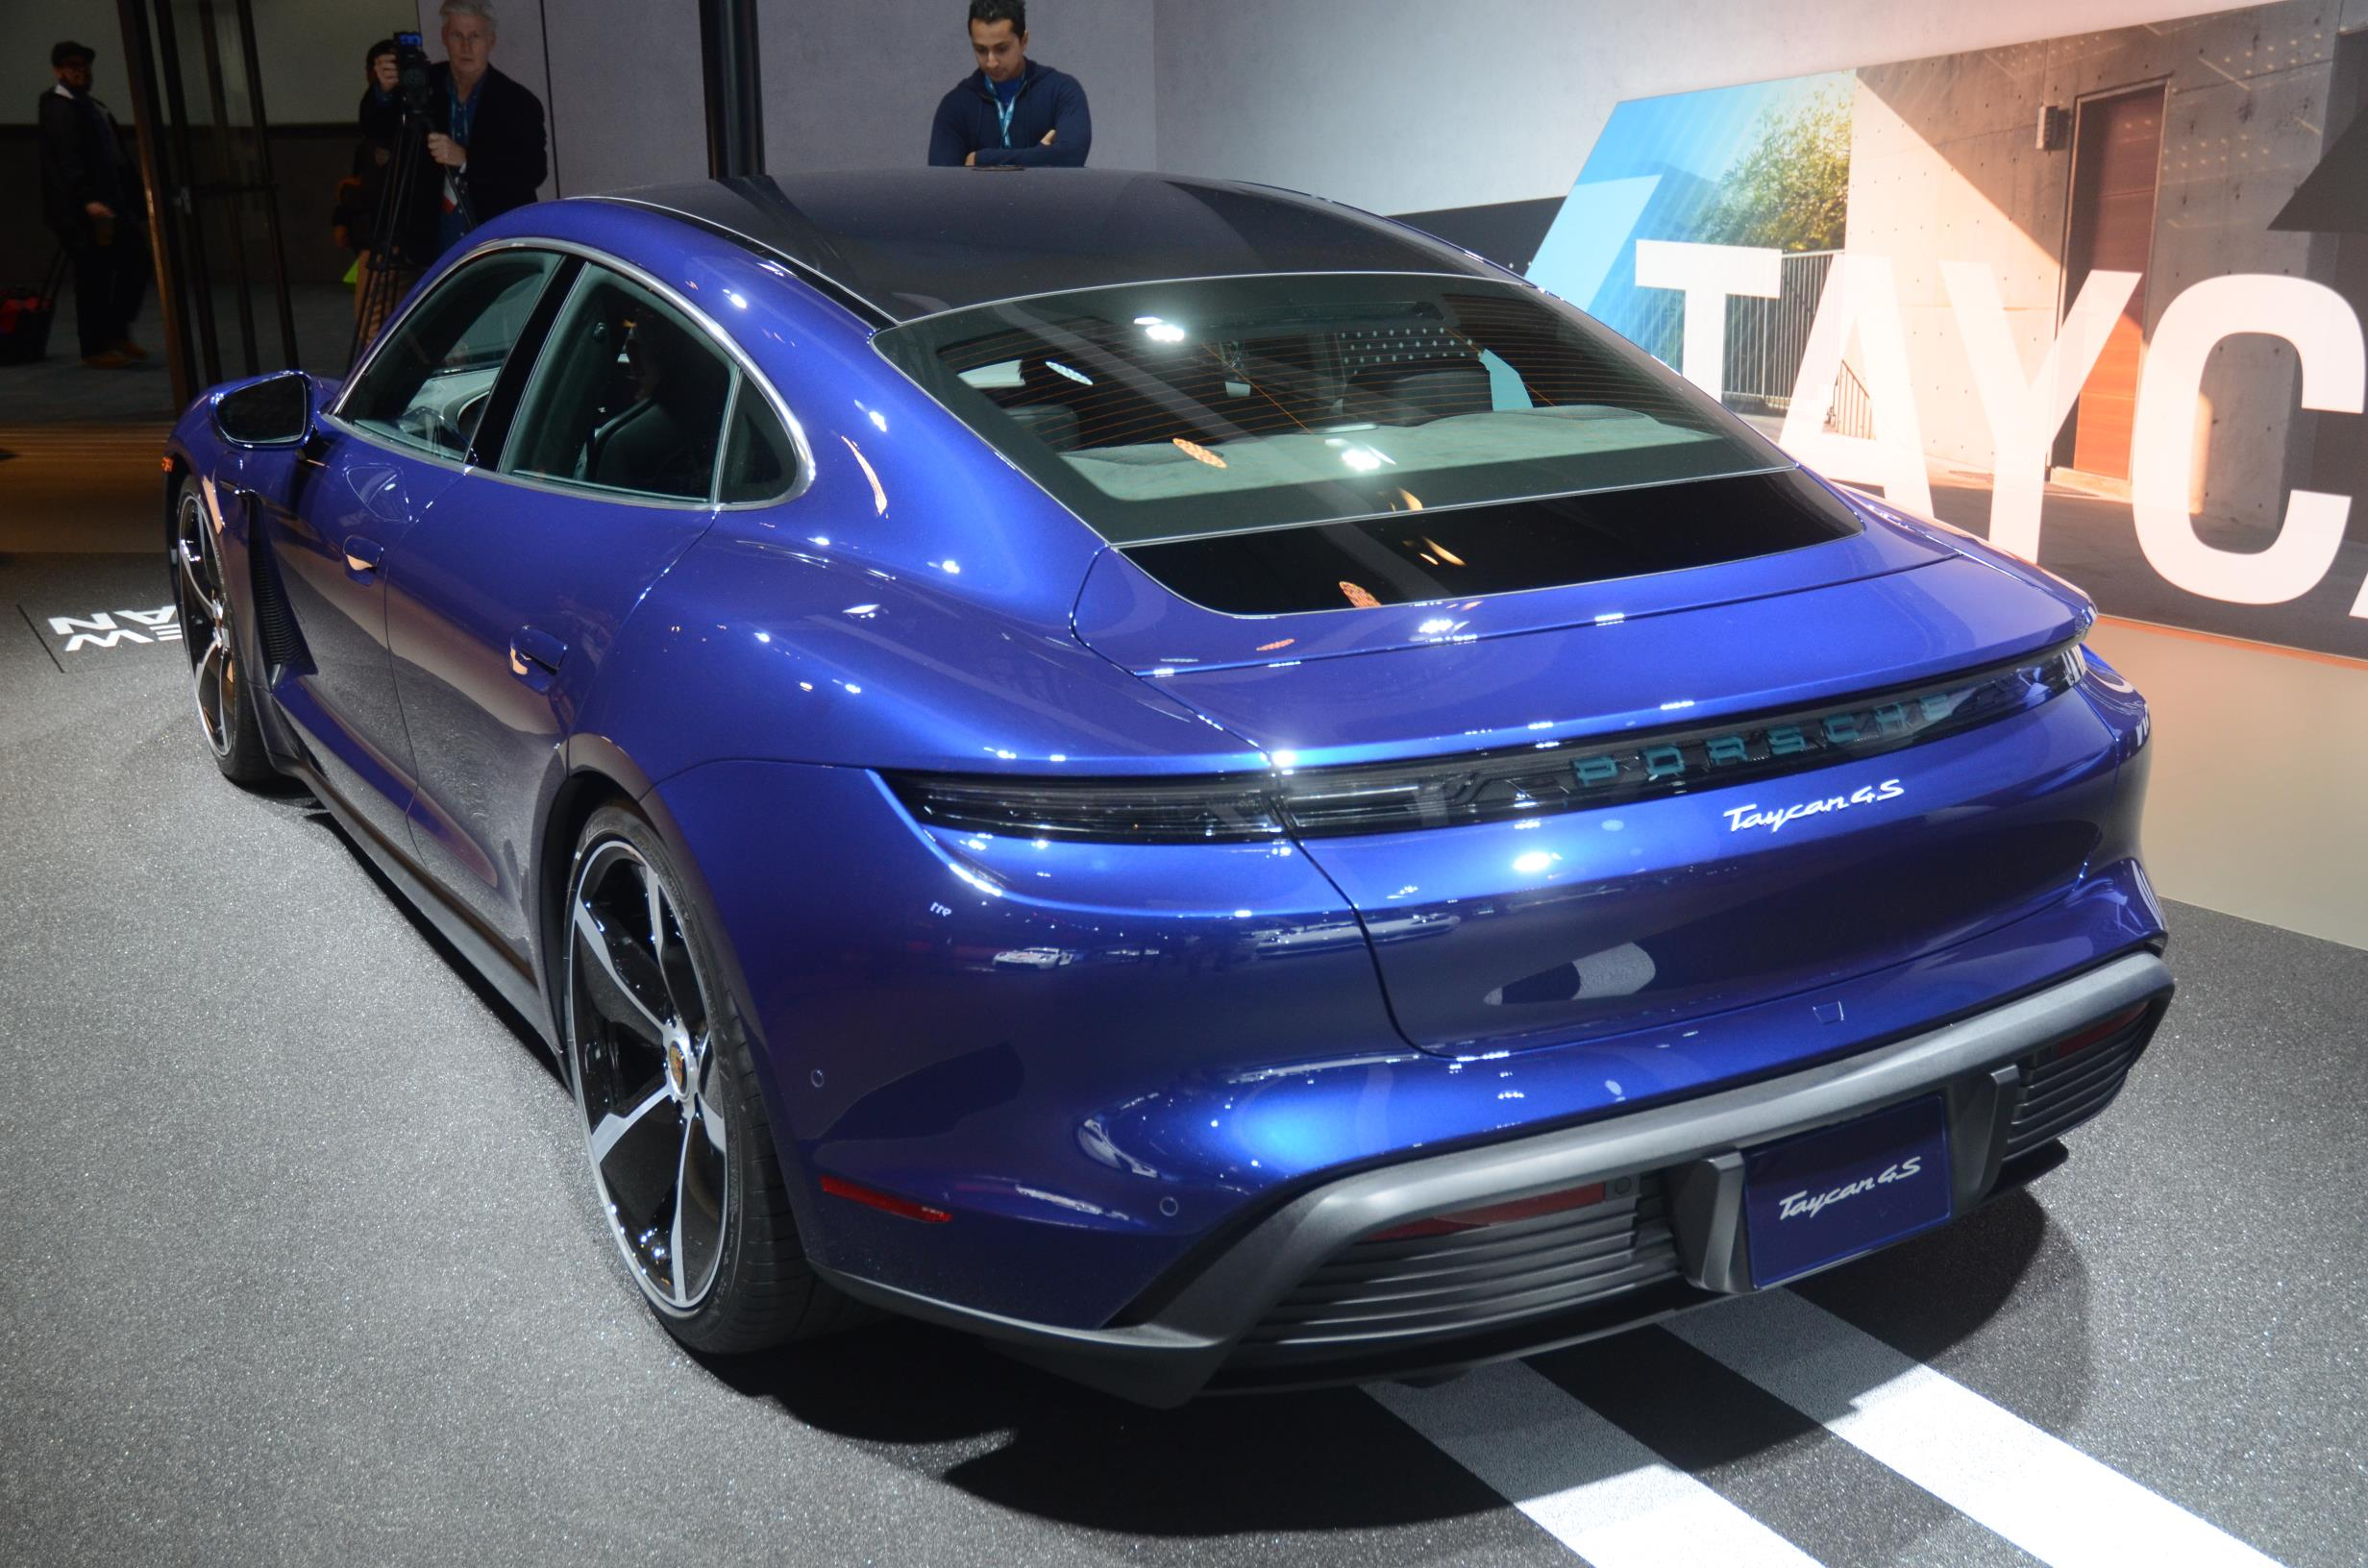 Porsche Taycan 4s azul de traseira no motorshow californiano